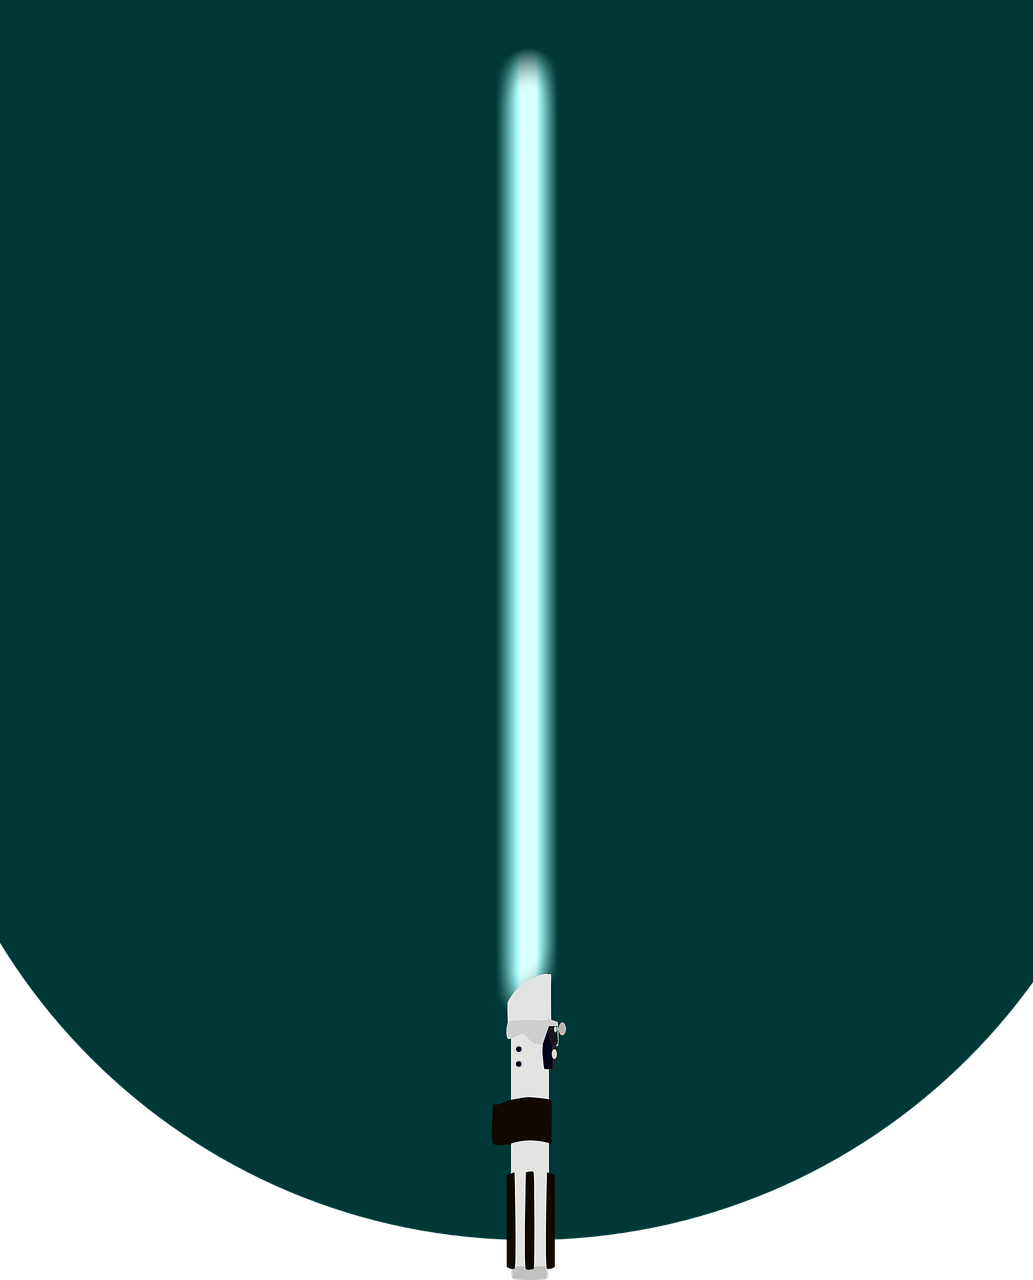 lightsaber-1980162_1280.png